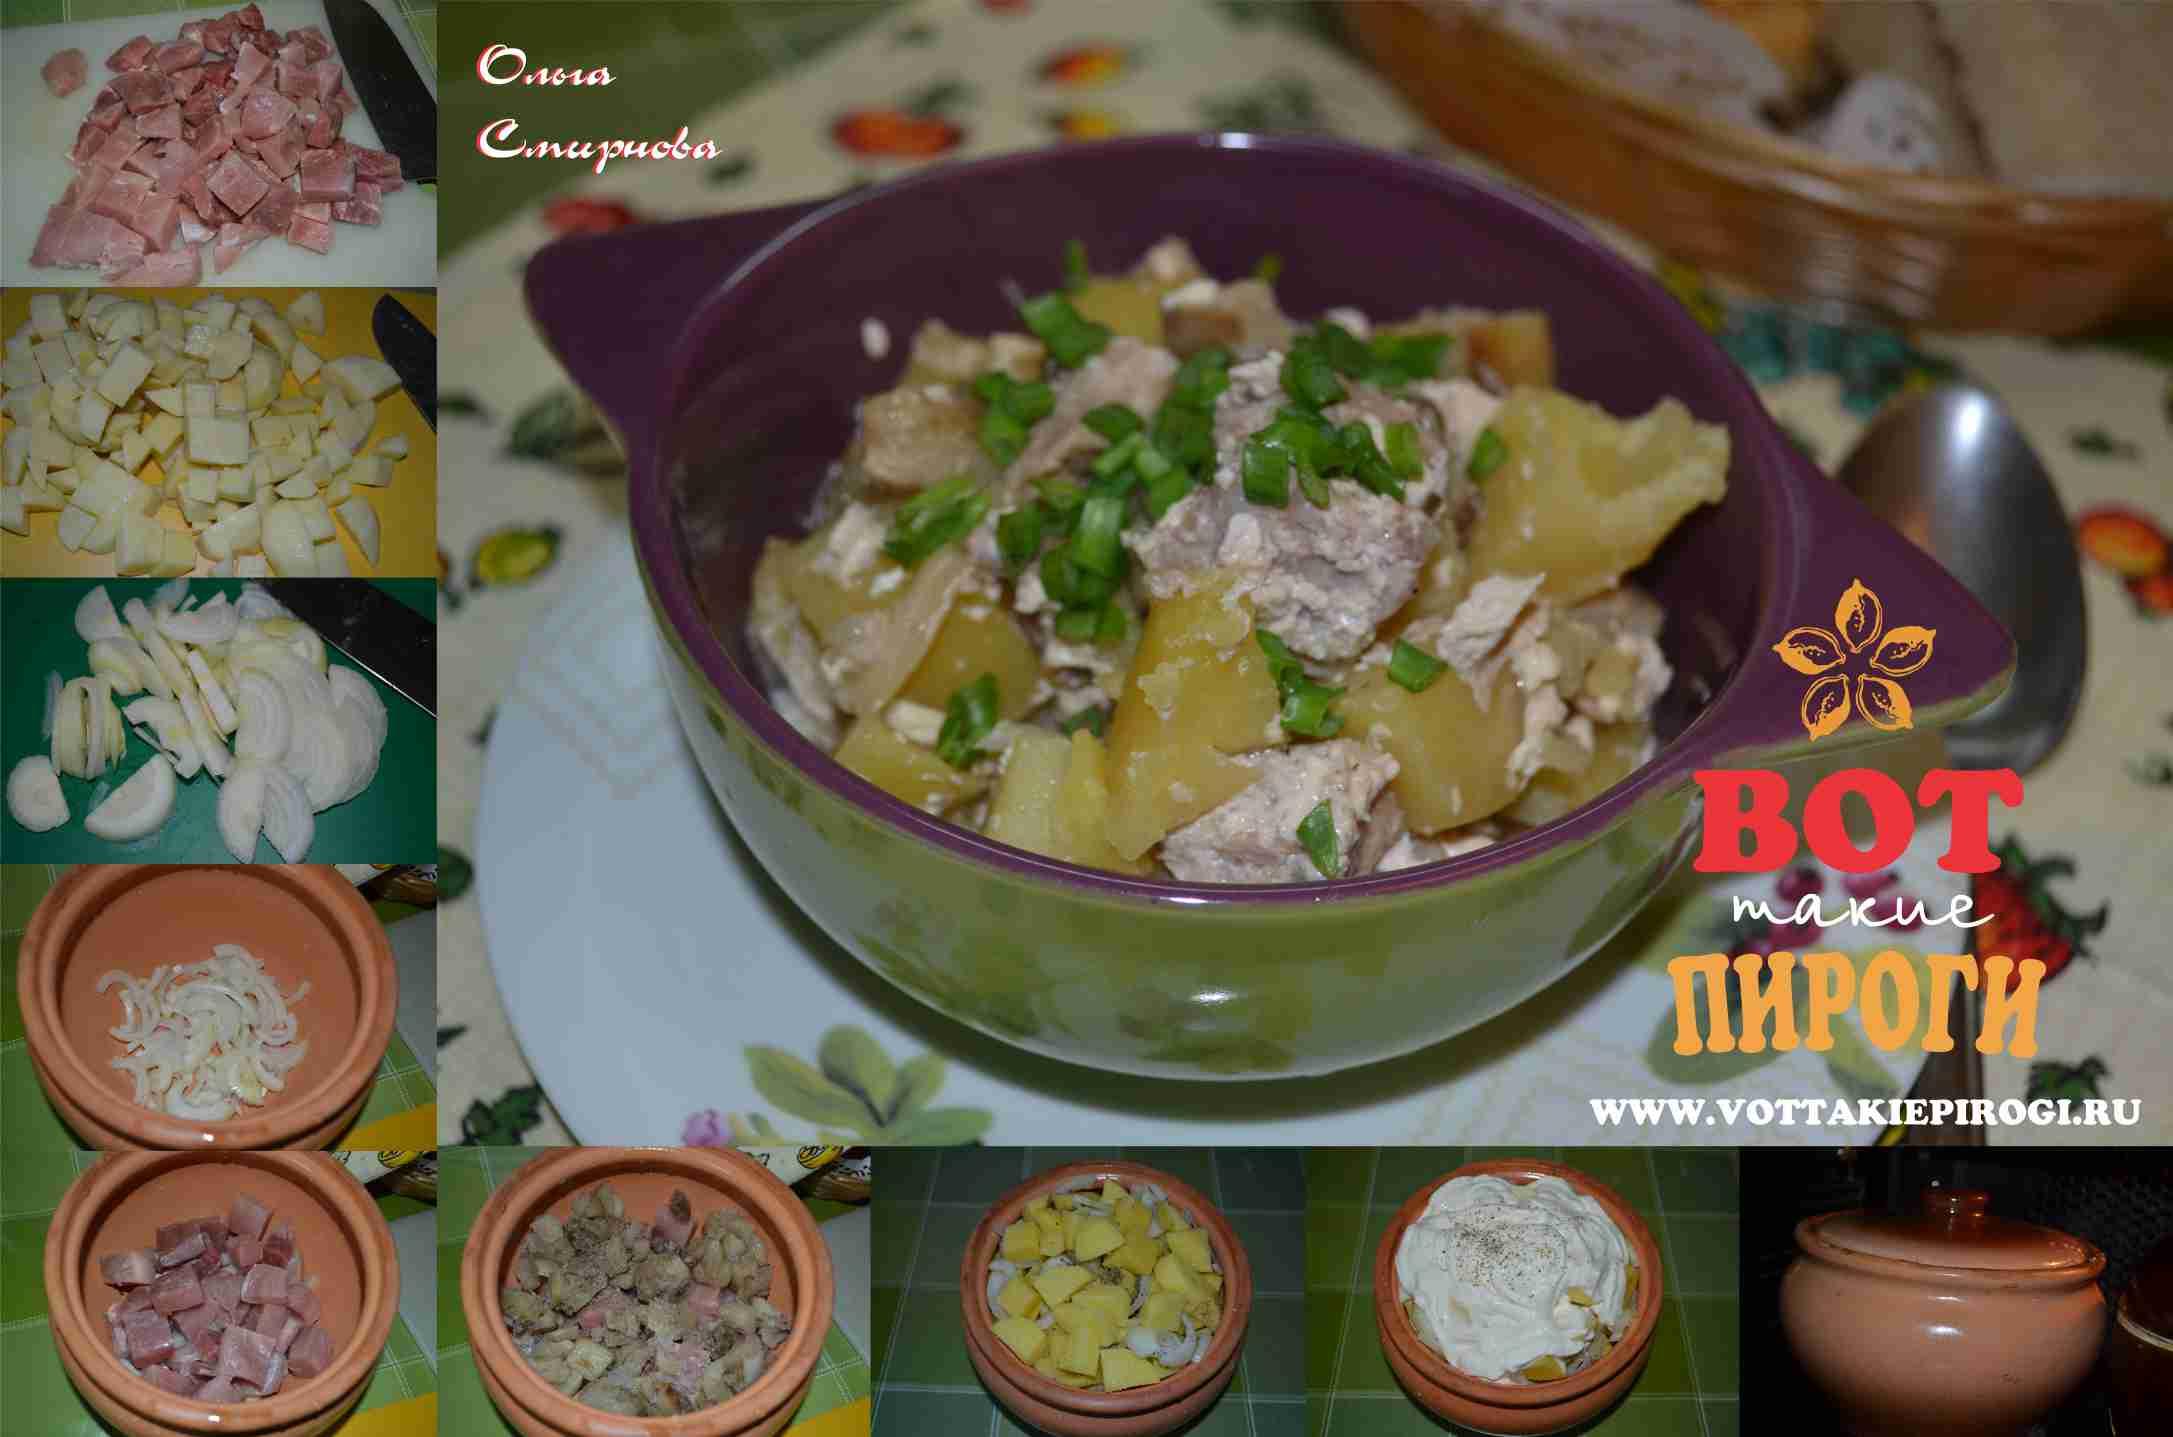 Что готовить в жаркую погоду рецепты